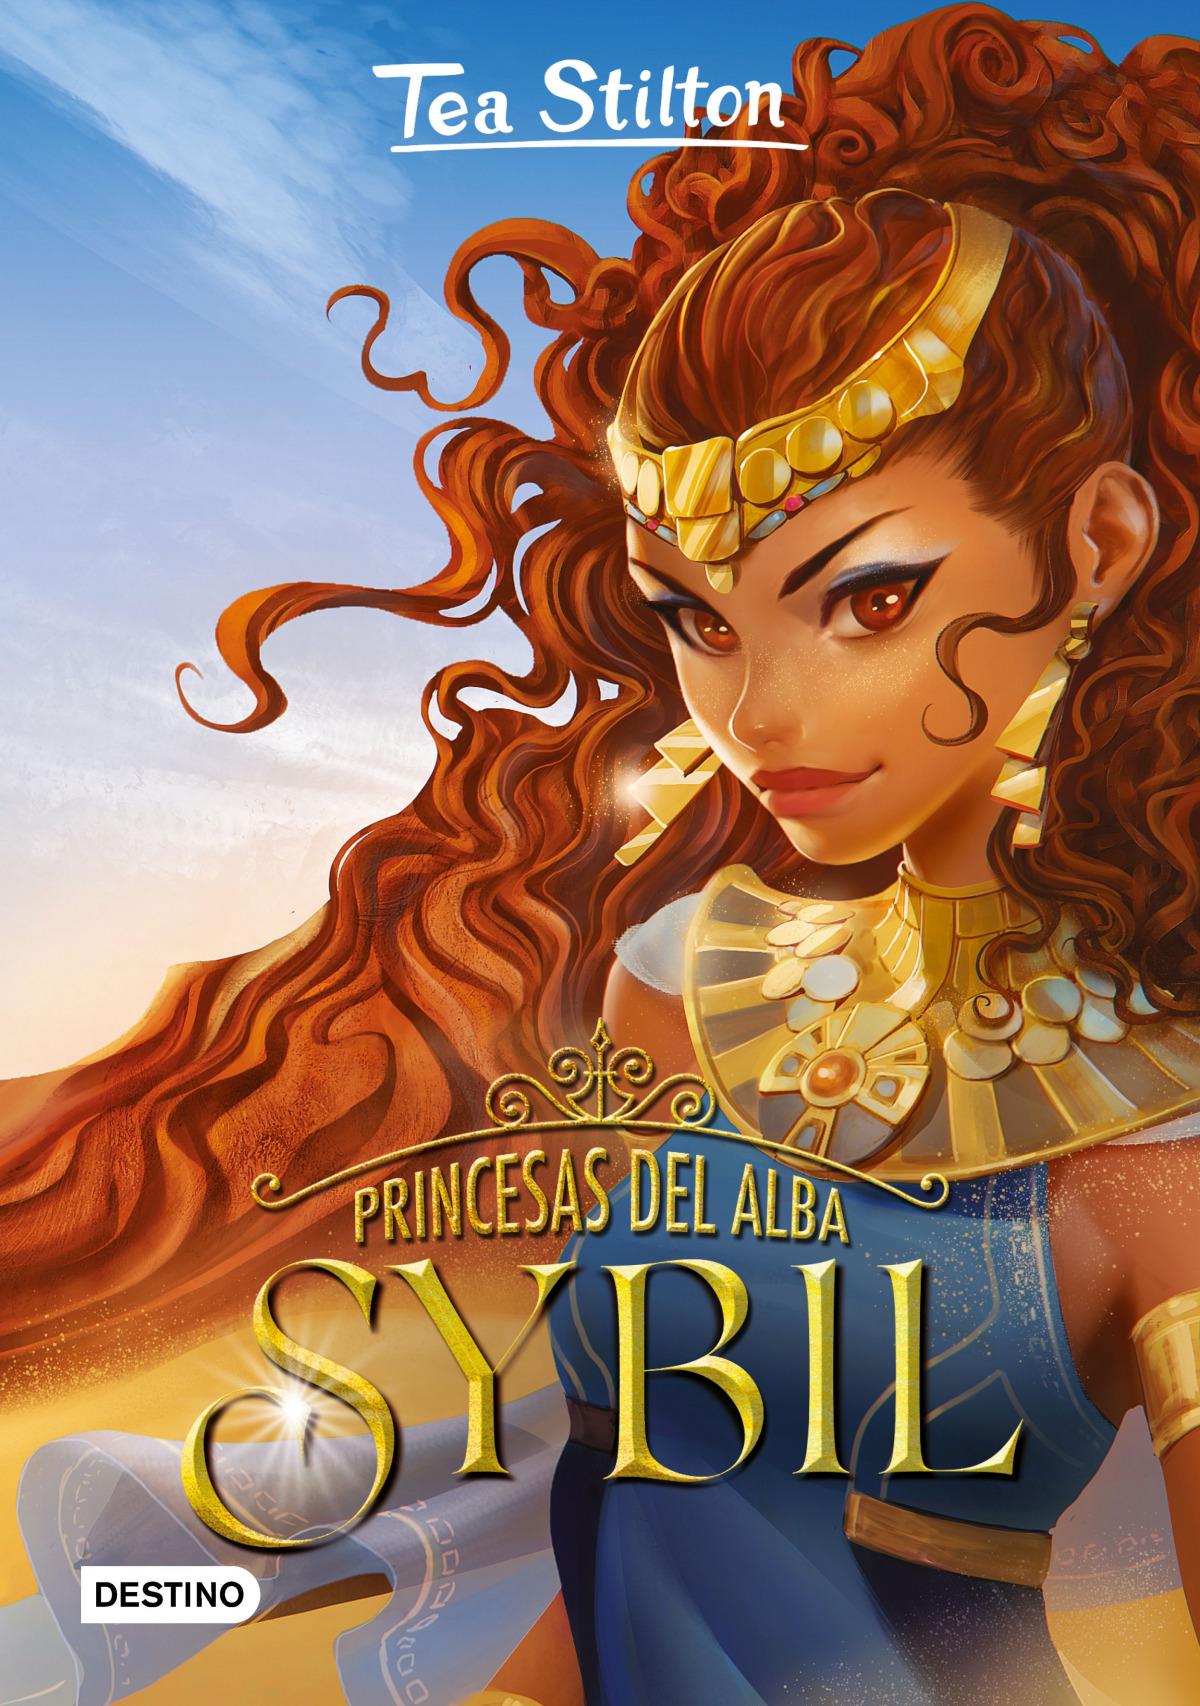 Princesas del Alba. Sybil